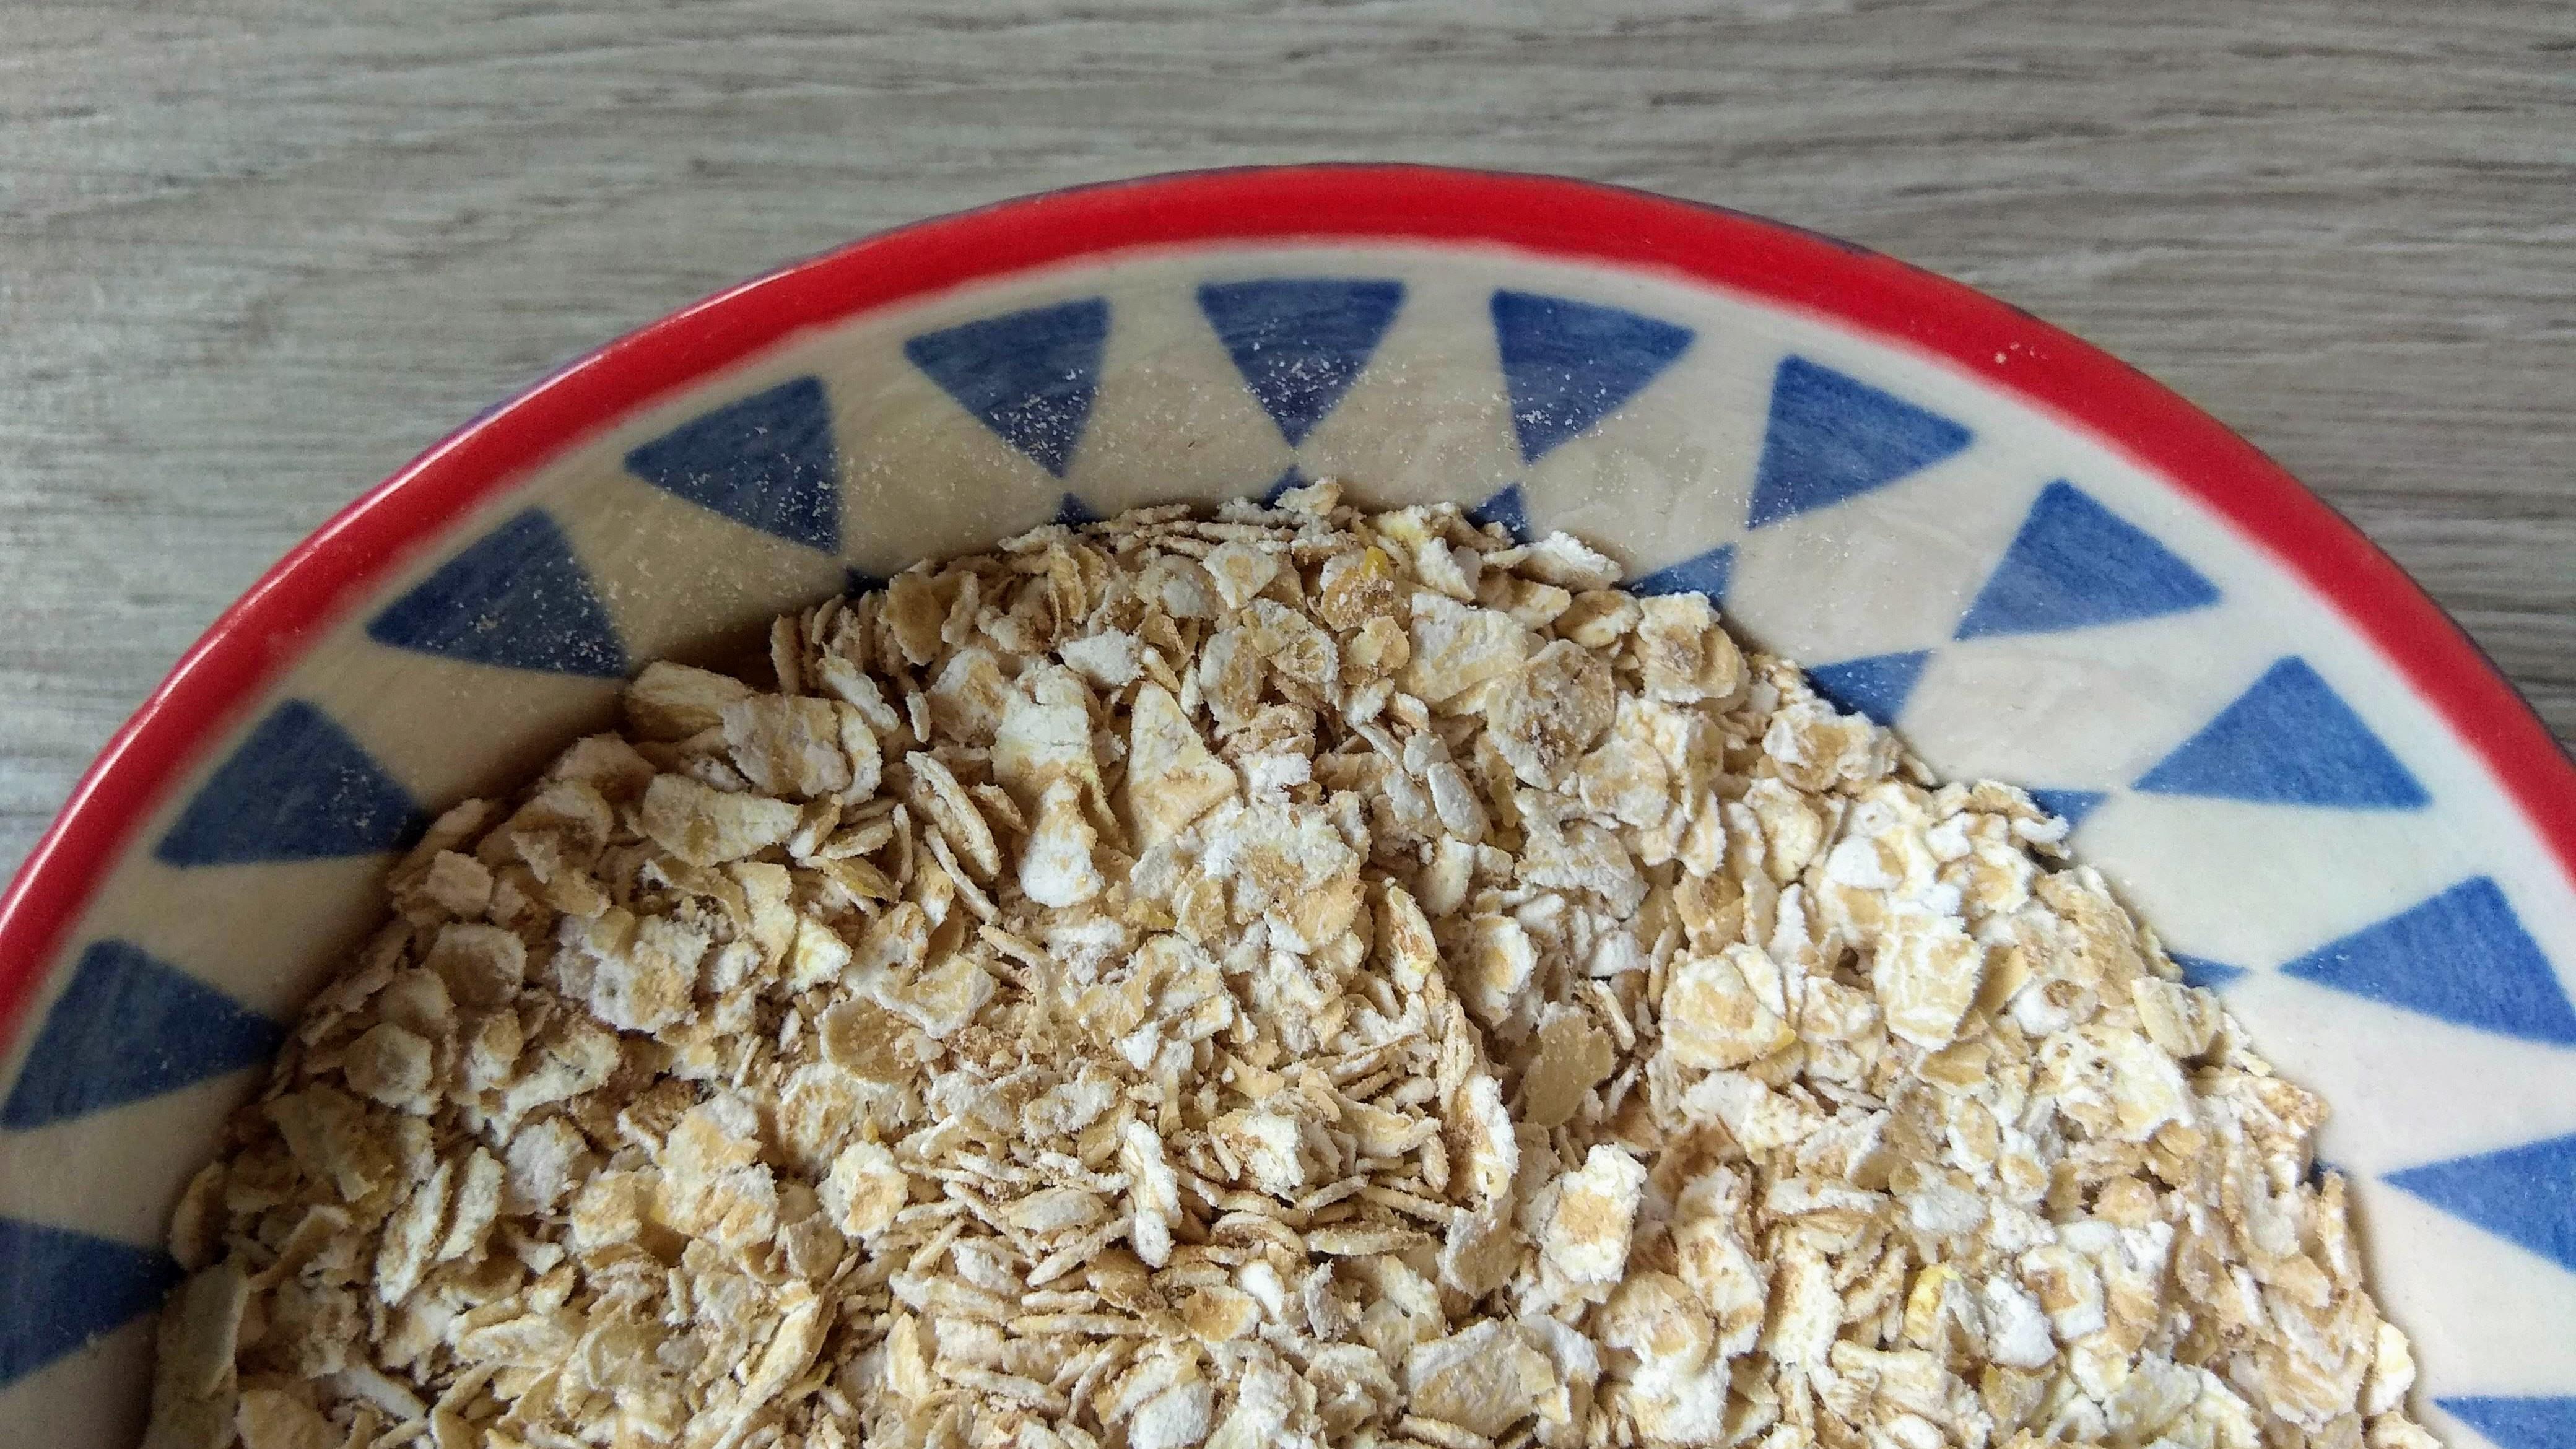 Producto estrella: Avena. Descubre todas sus propiedades en: www.cocinandoconlola.com